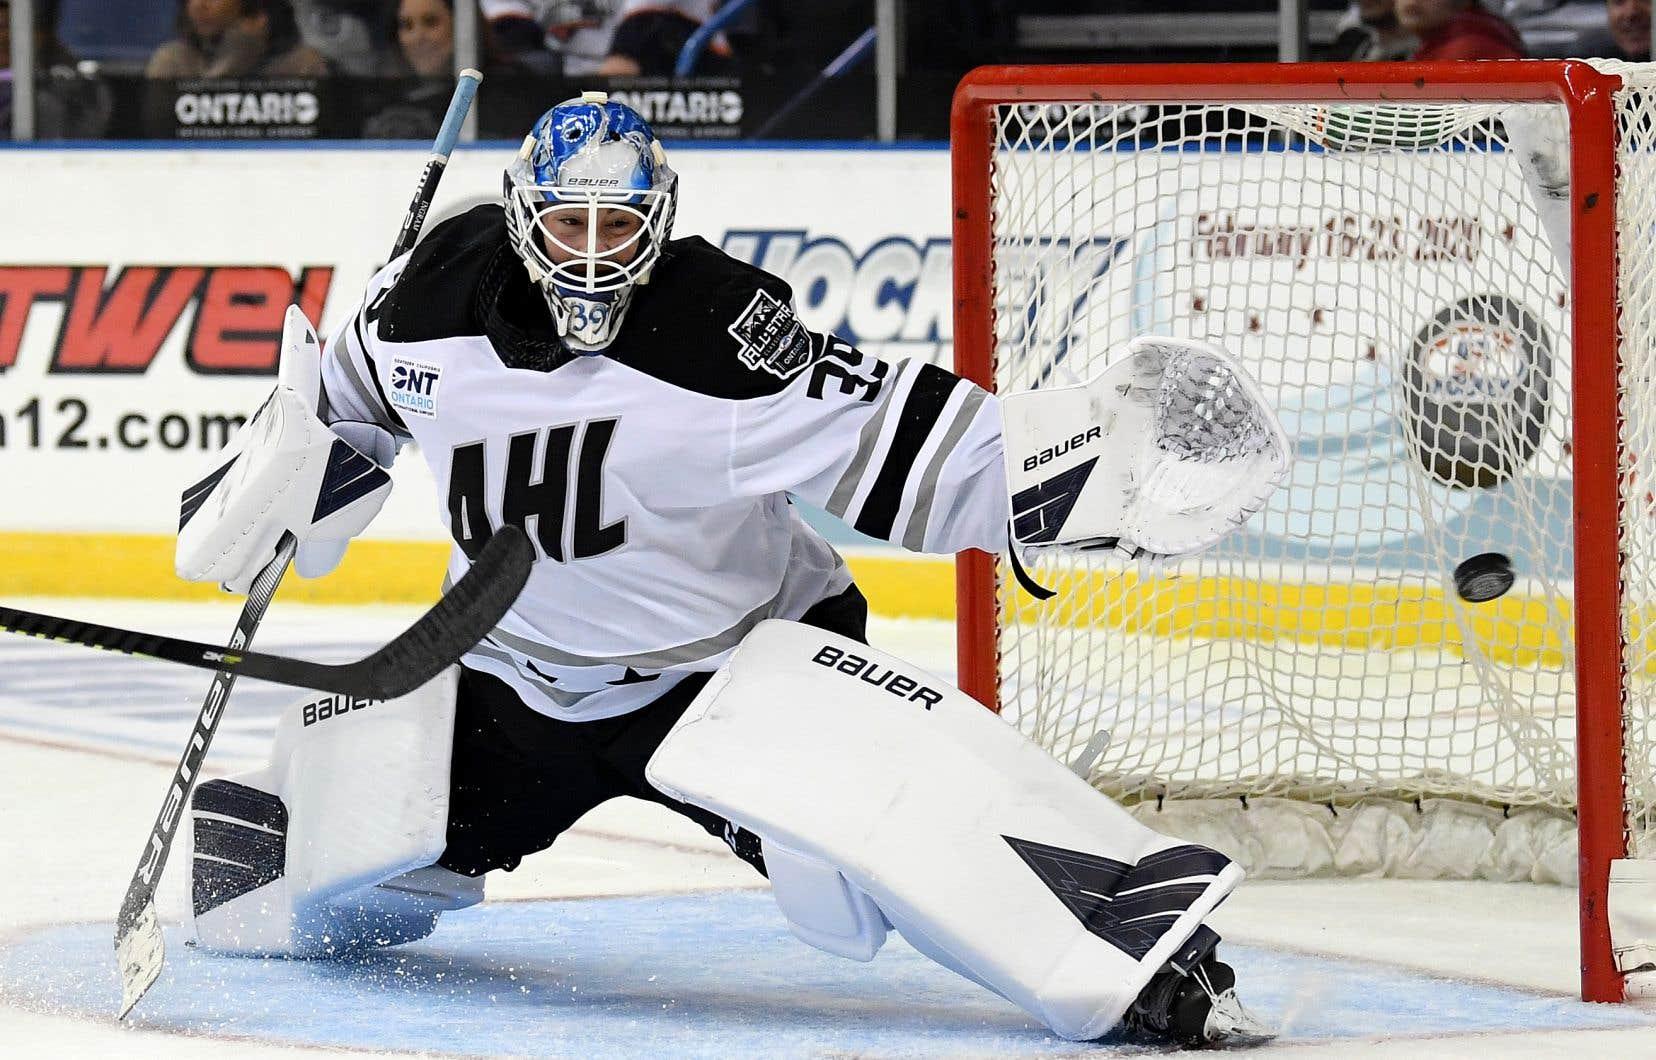 La Ligue américaine de hockey a annulé le reste de sa saison 2019-20 ainsi que les séries éliminatoires en raison de la pandémie de la COVID-19.